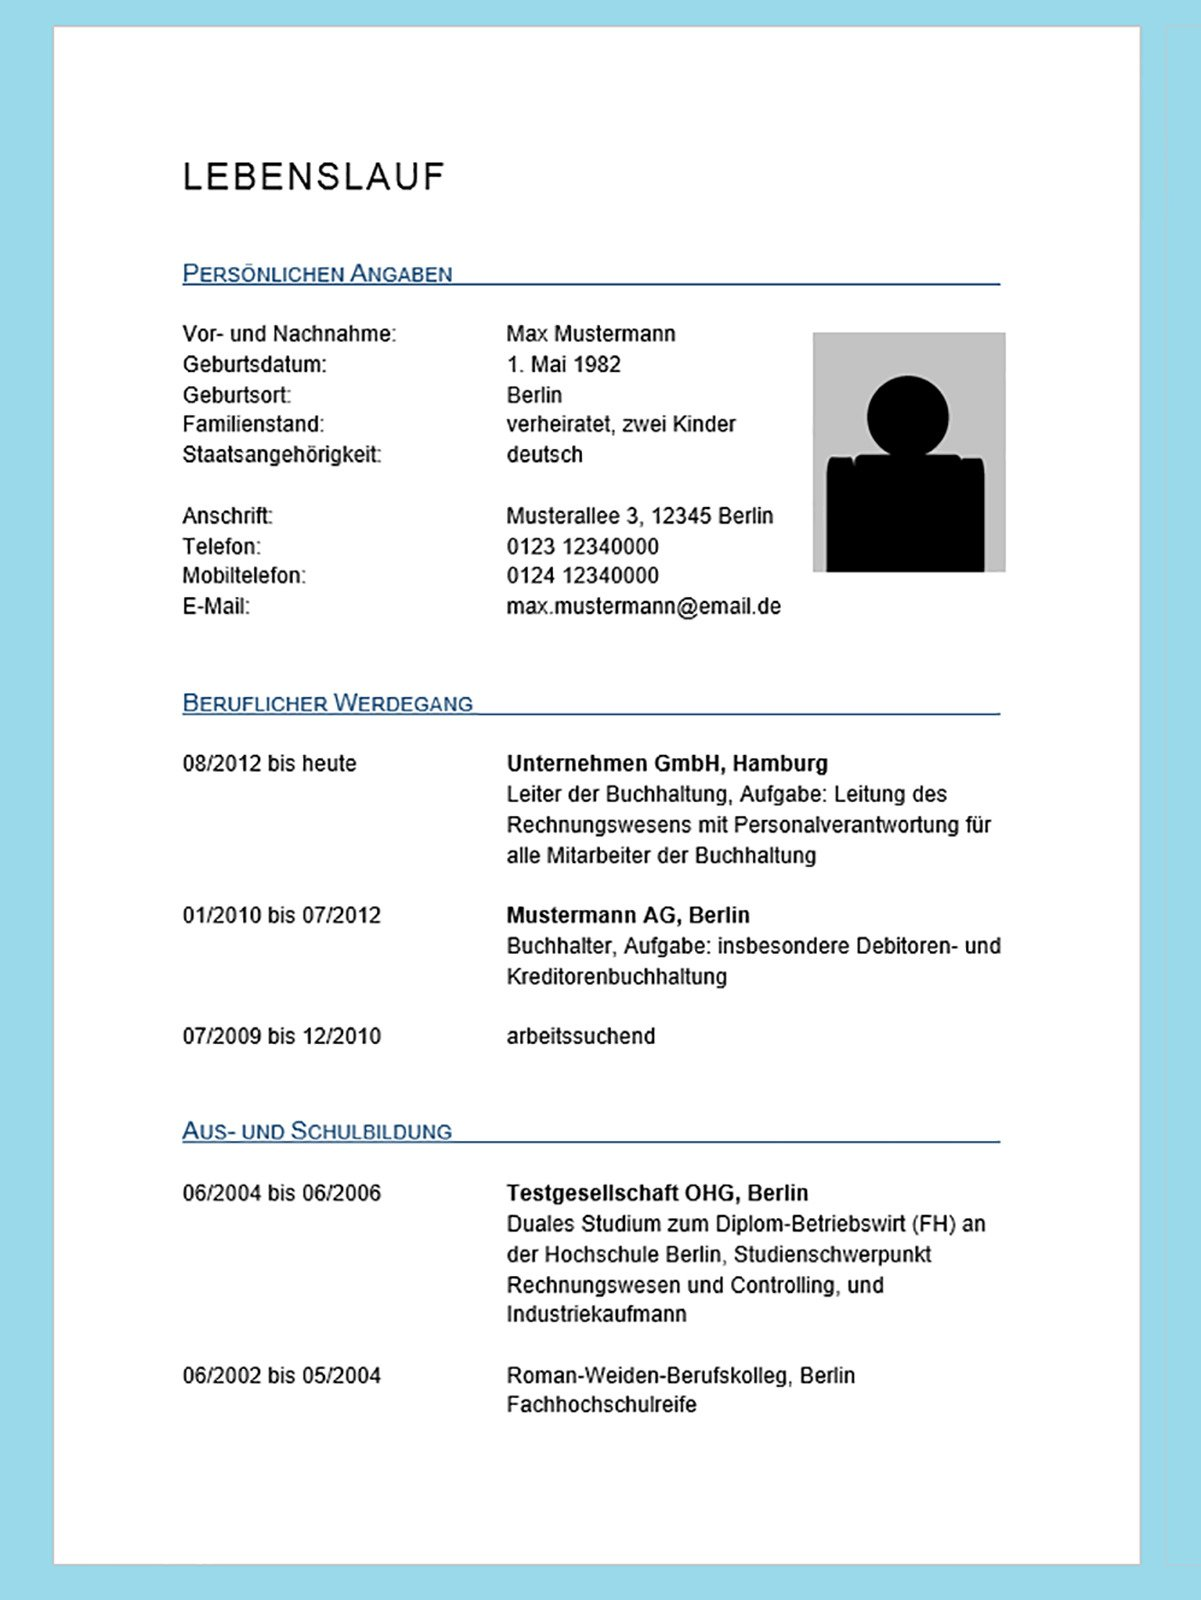 Professionellen Lebenslauf in Microsoft Word erstellen - Die Schritt ...